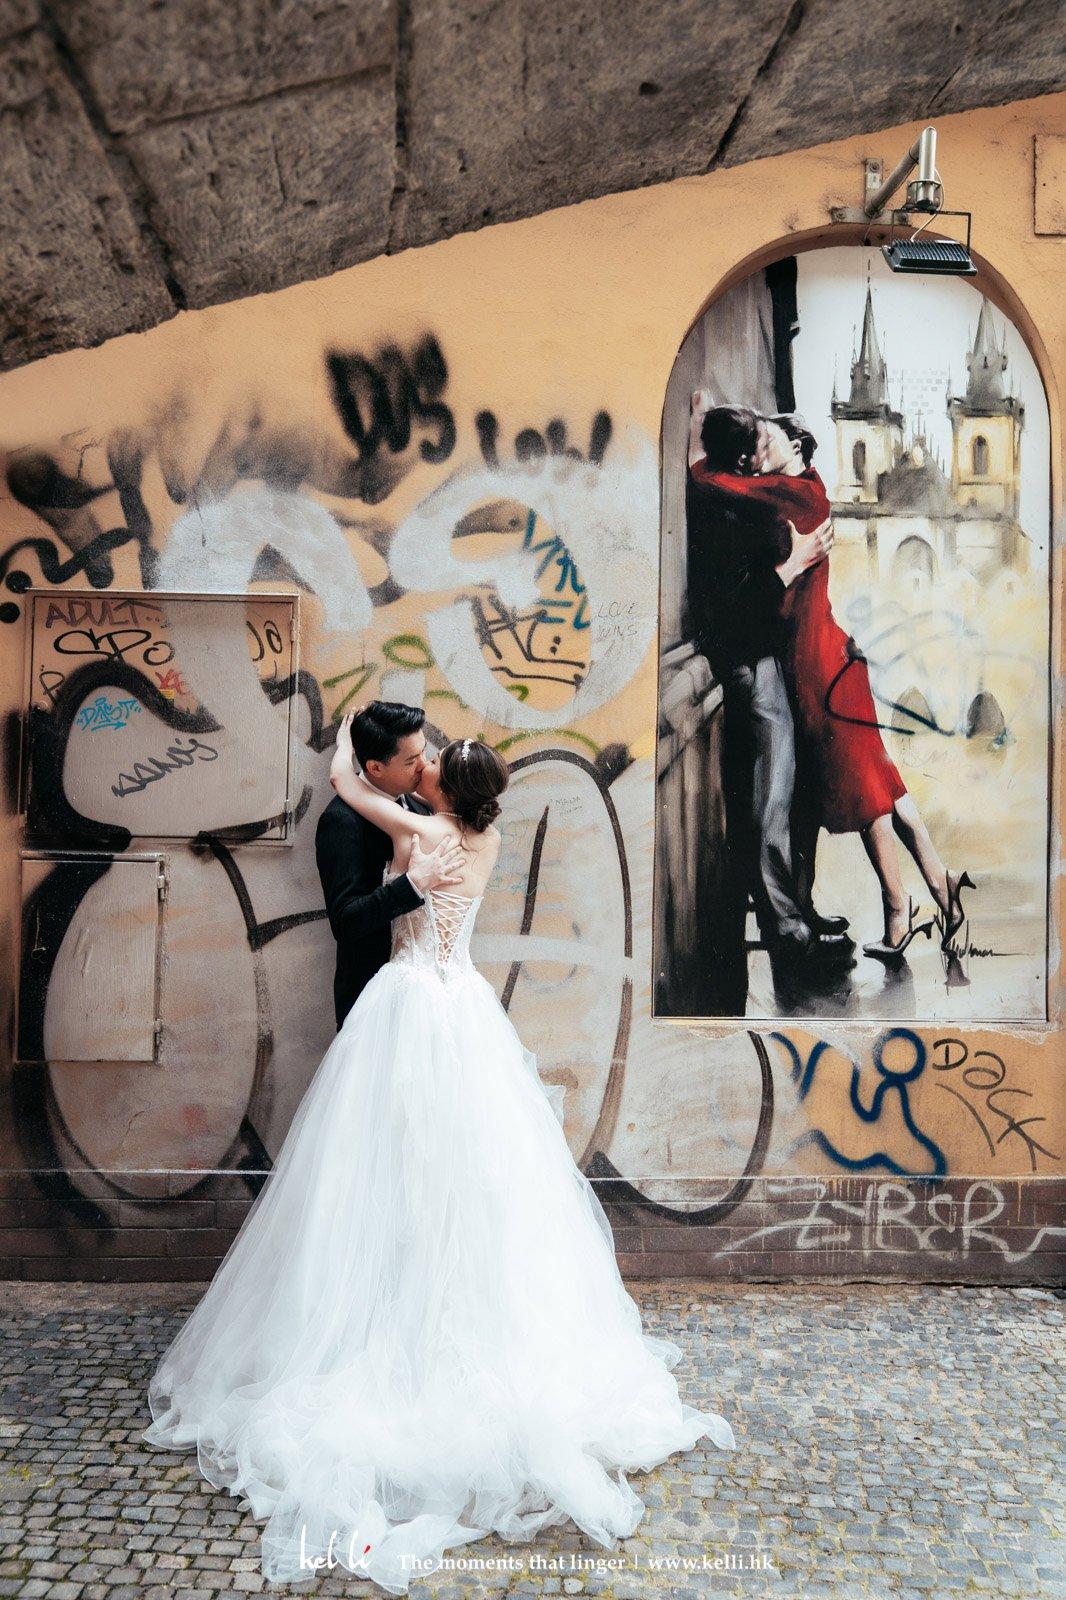 每次到外國,也特別喜歡街頭文化,將此融入婚紗相裡,更添色彩